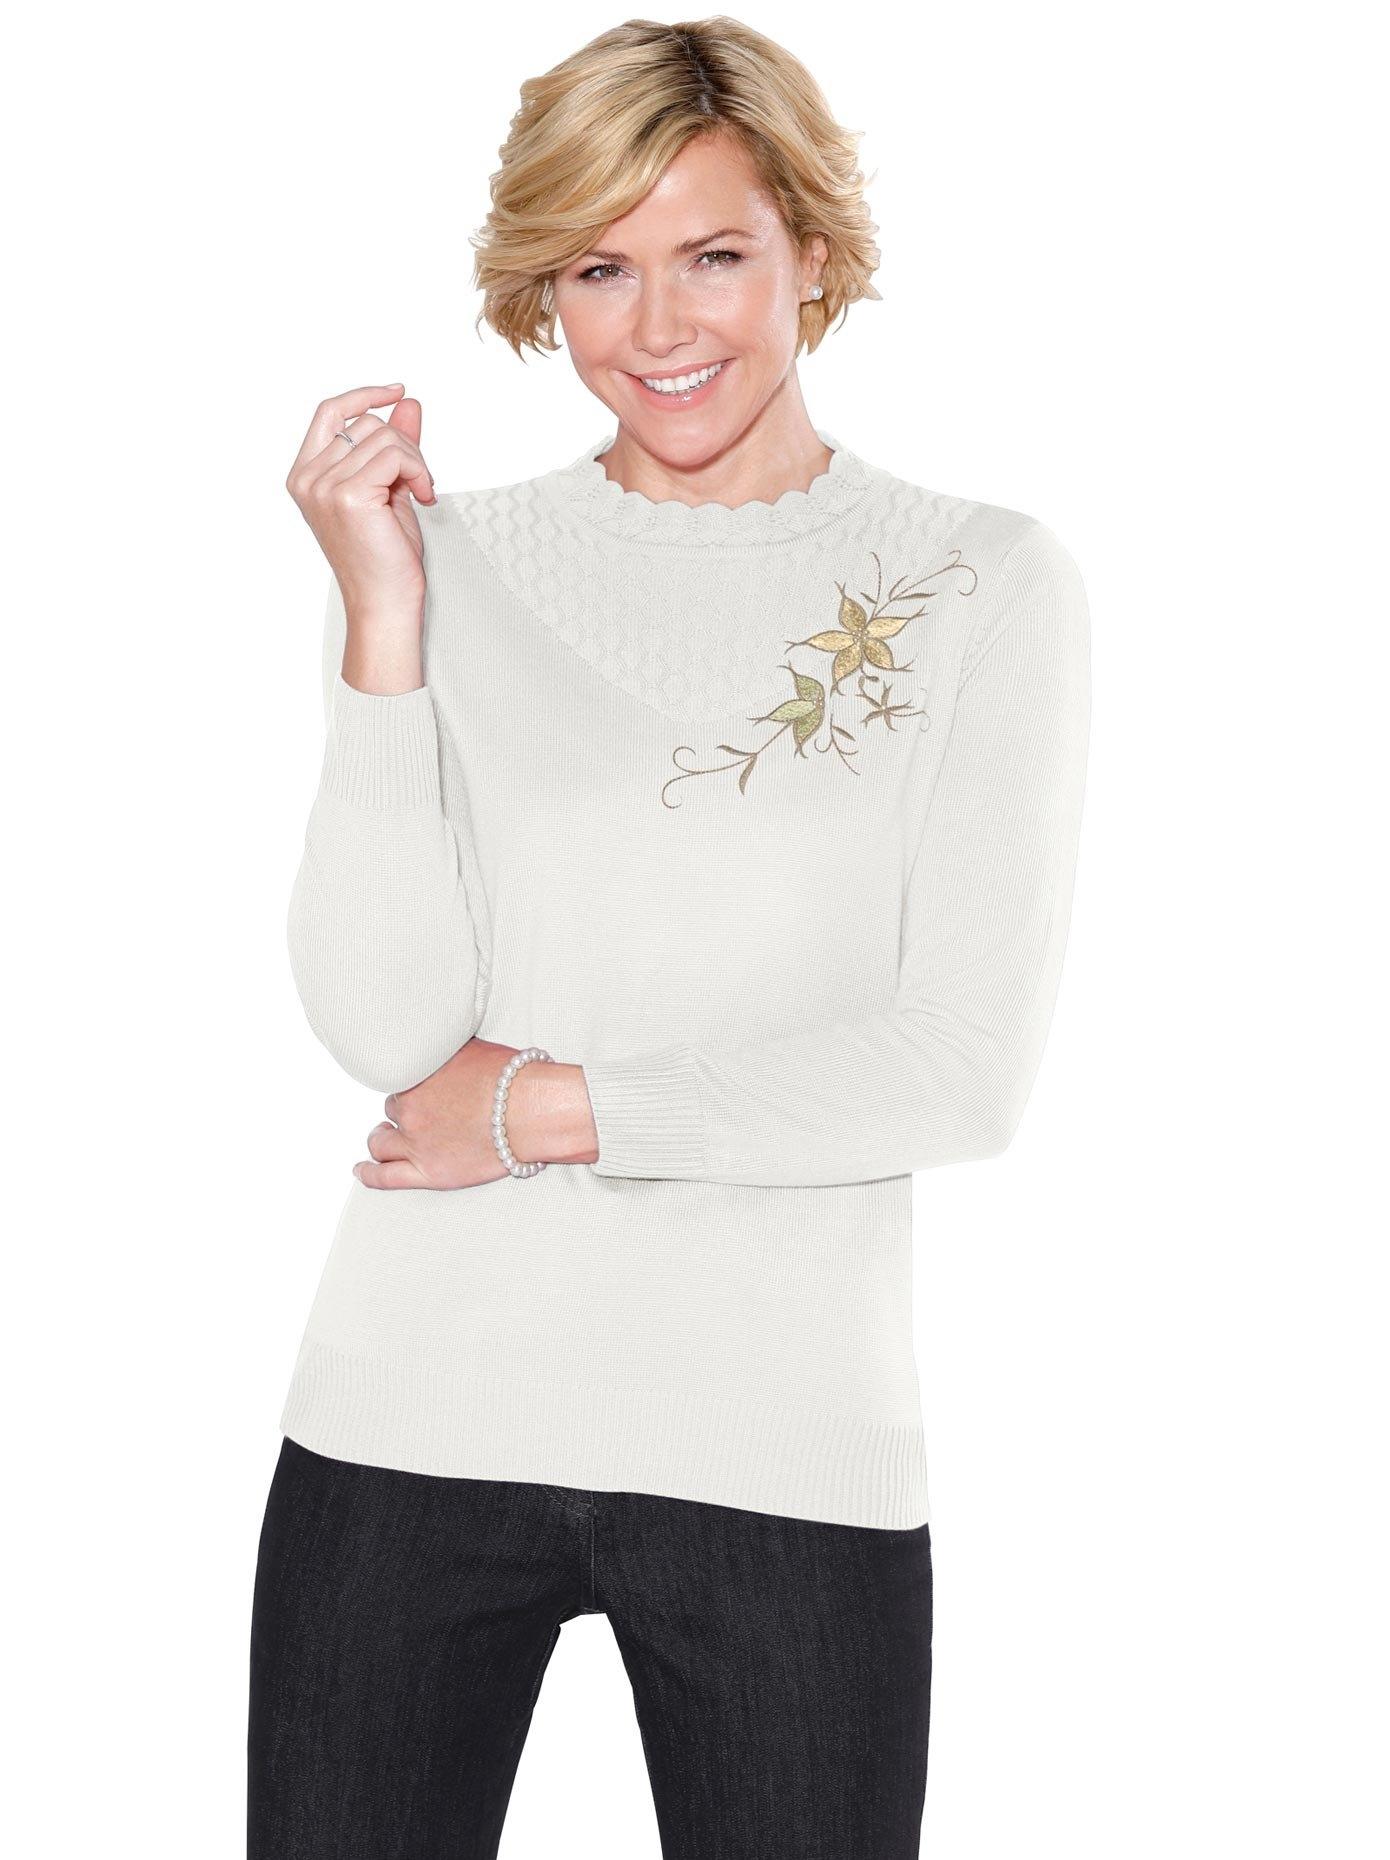 Classic trui met staande kraag voordelig en veilig online kopen